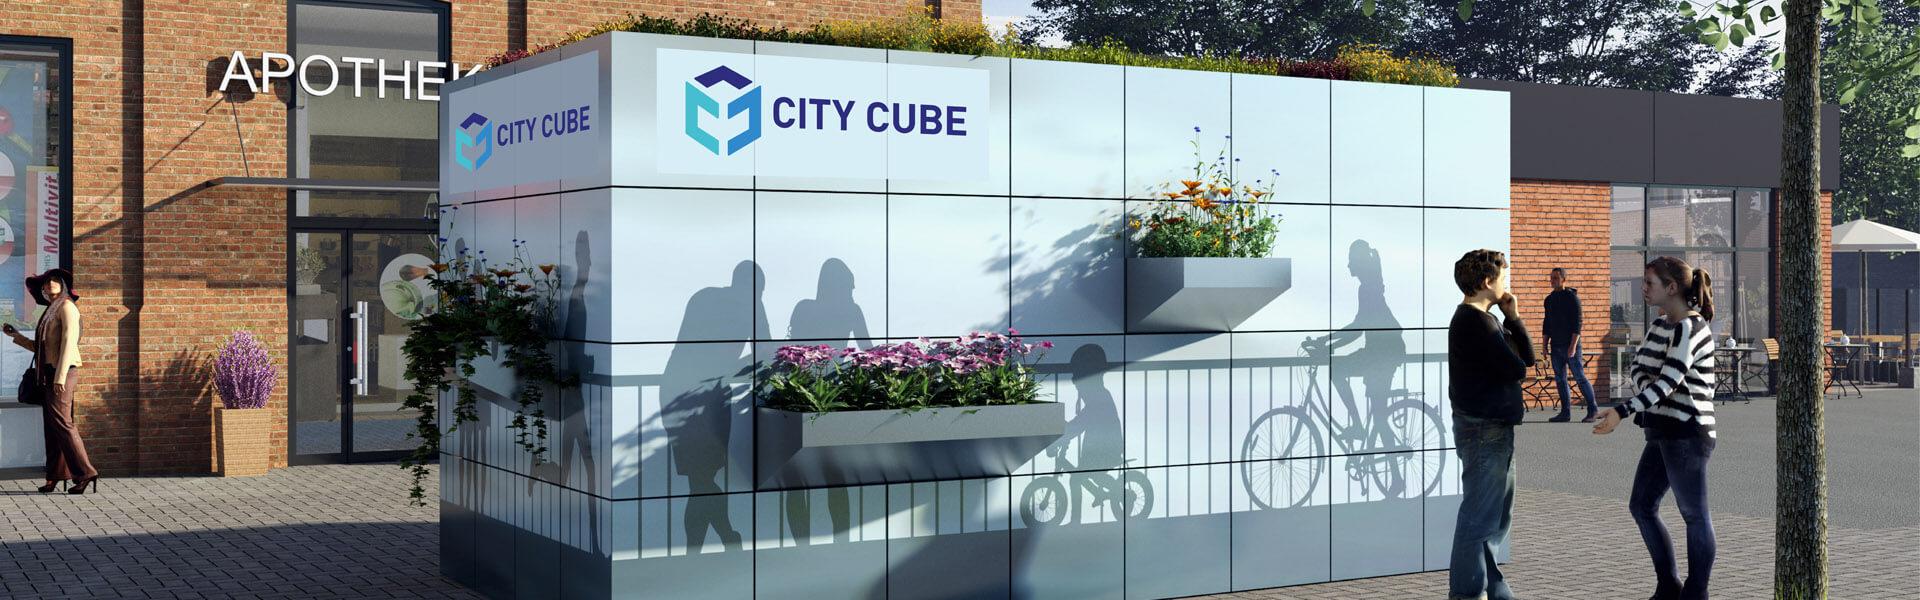 CityCube